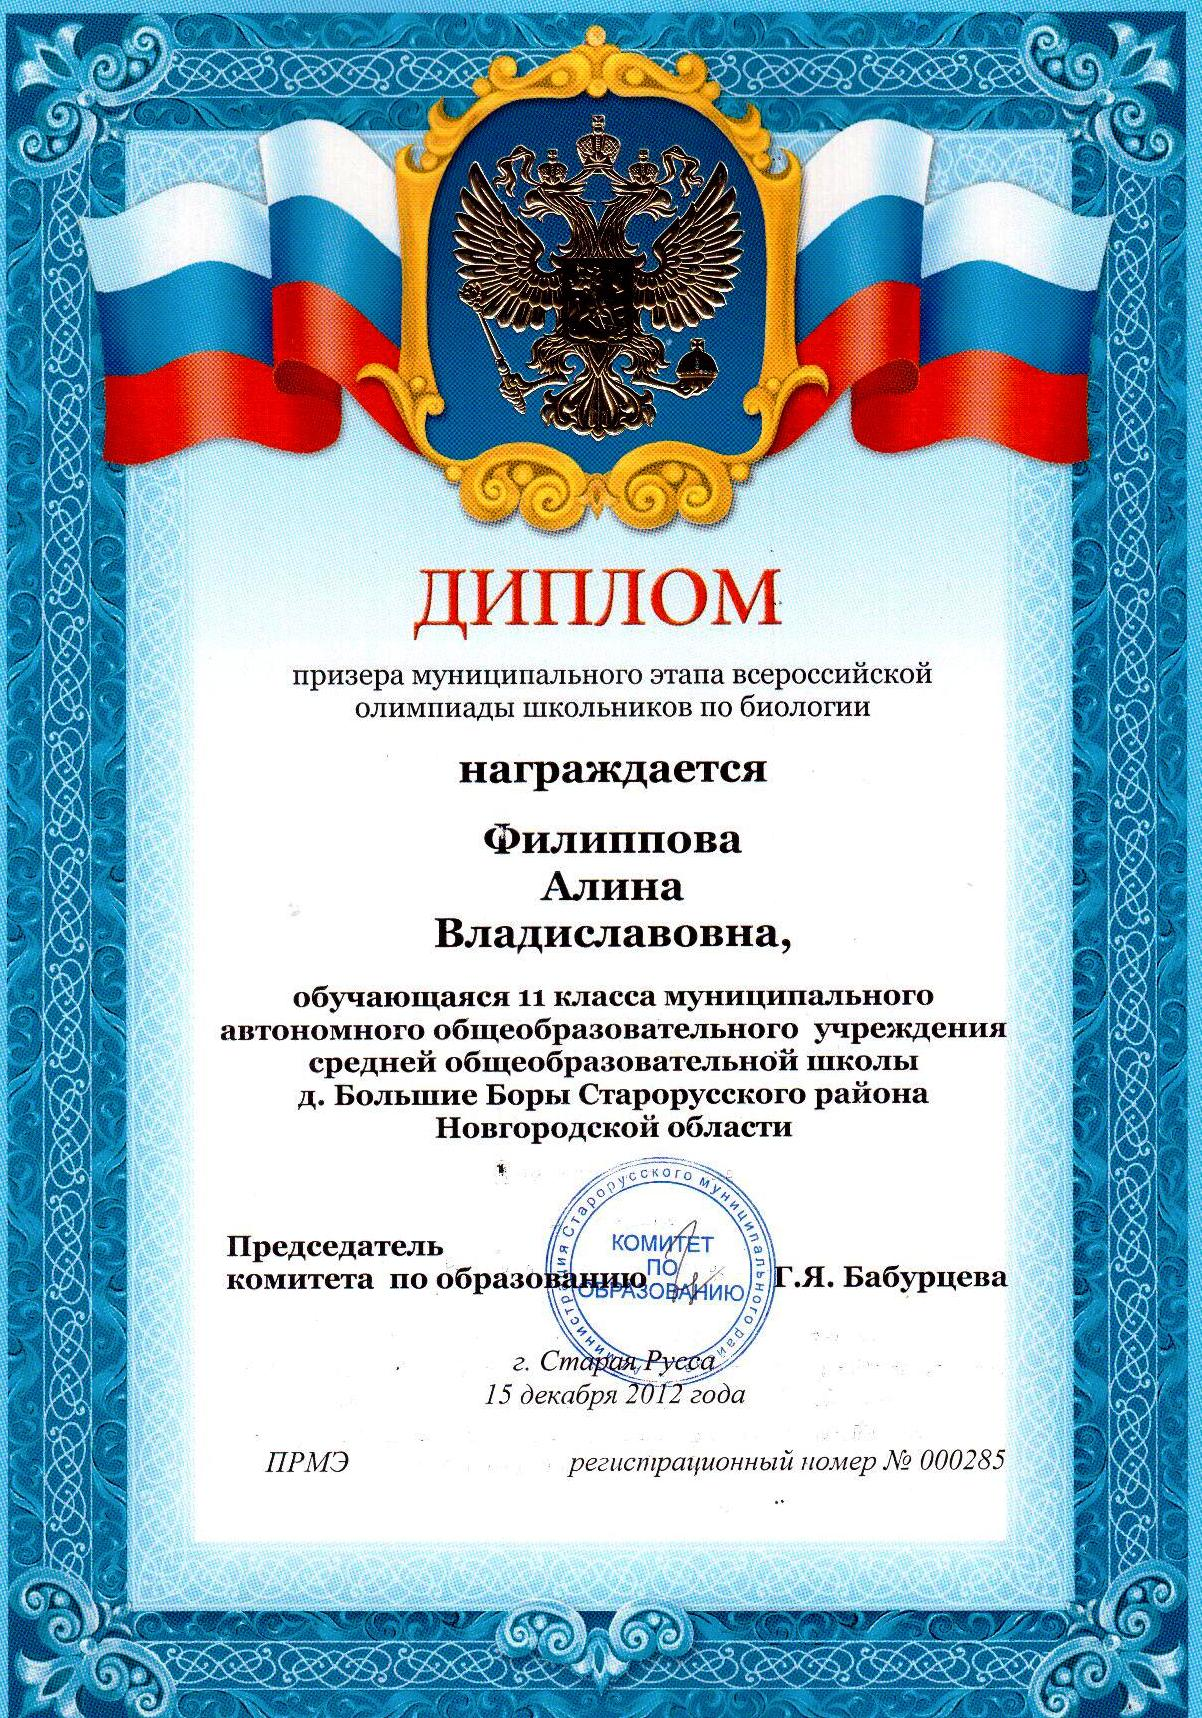 Текст поздравления победителям муниципального этапа школьных олимпиад